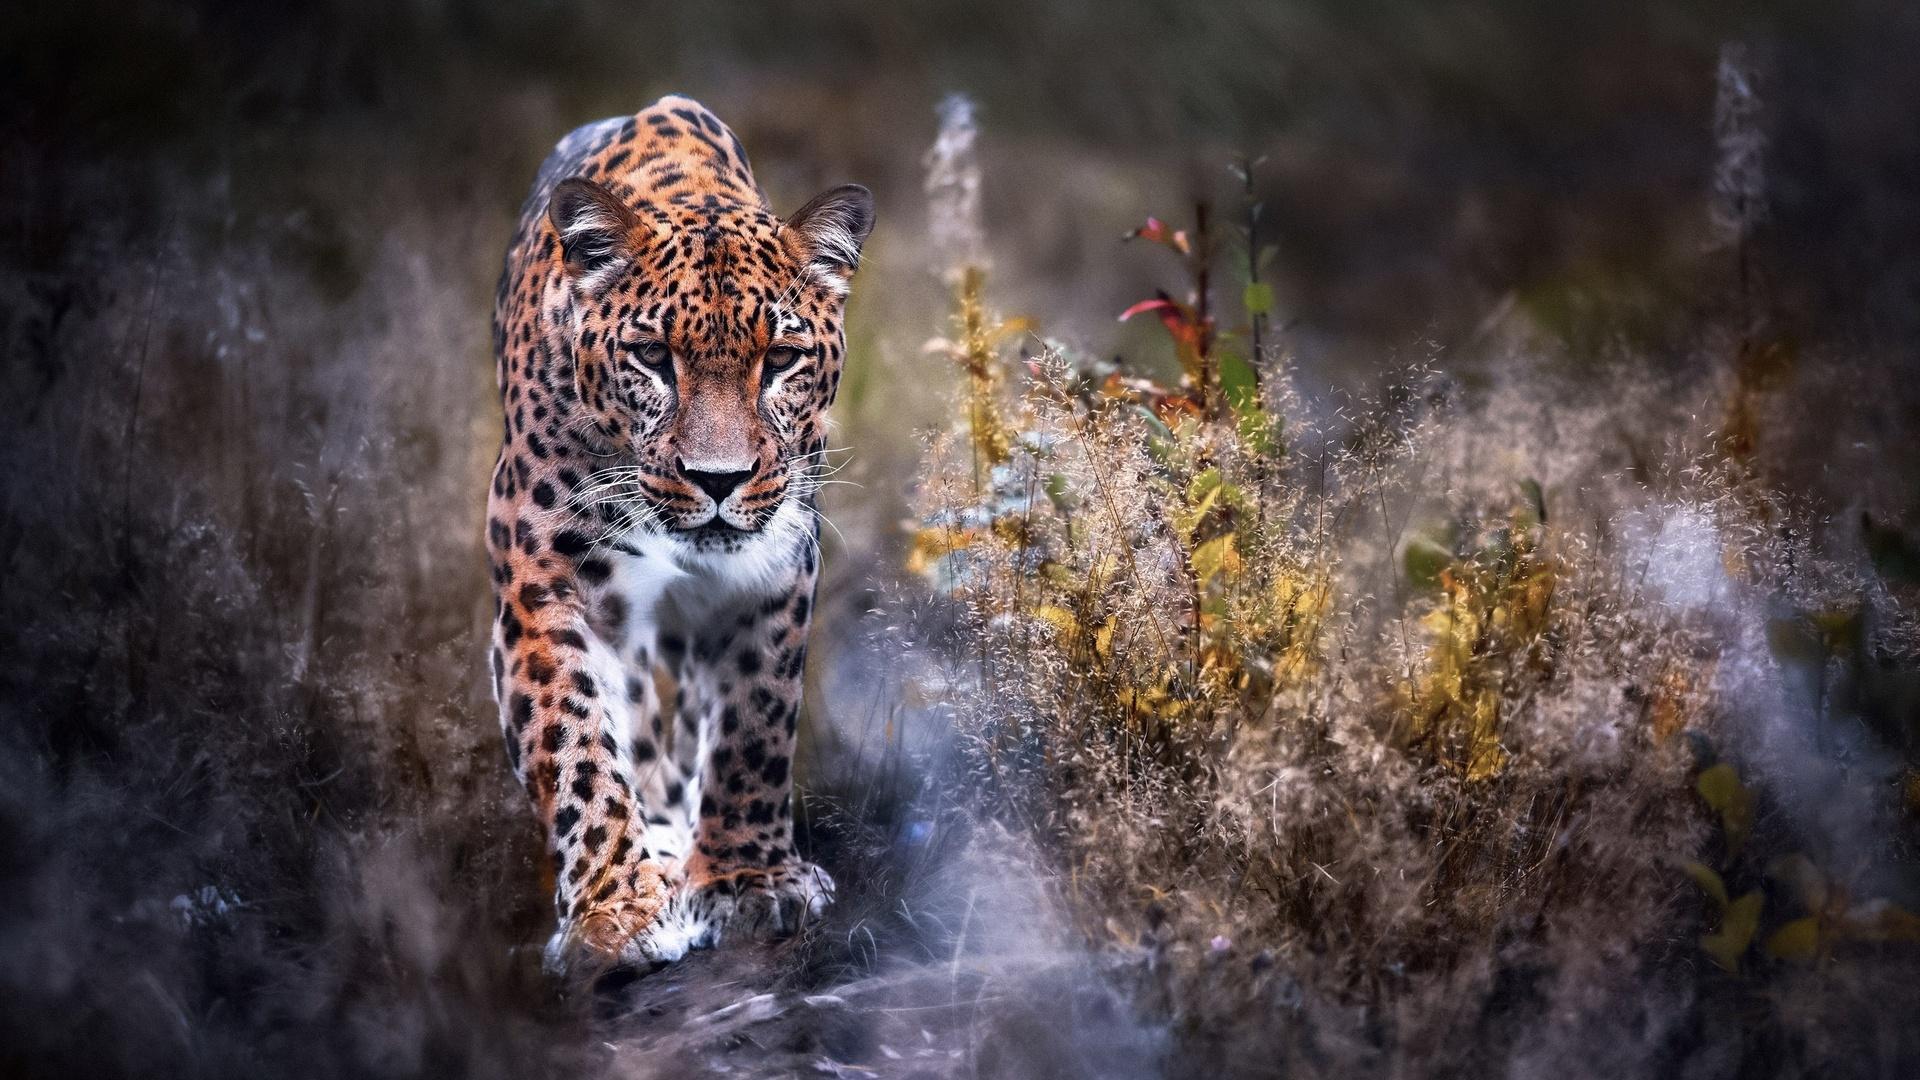 leopard-big-cat-i6.jpg